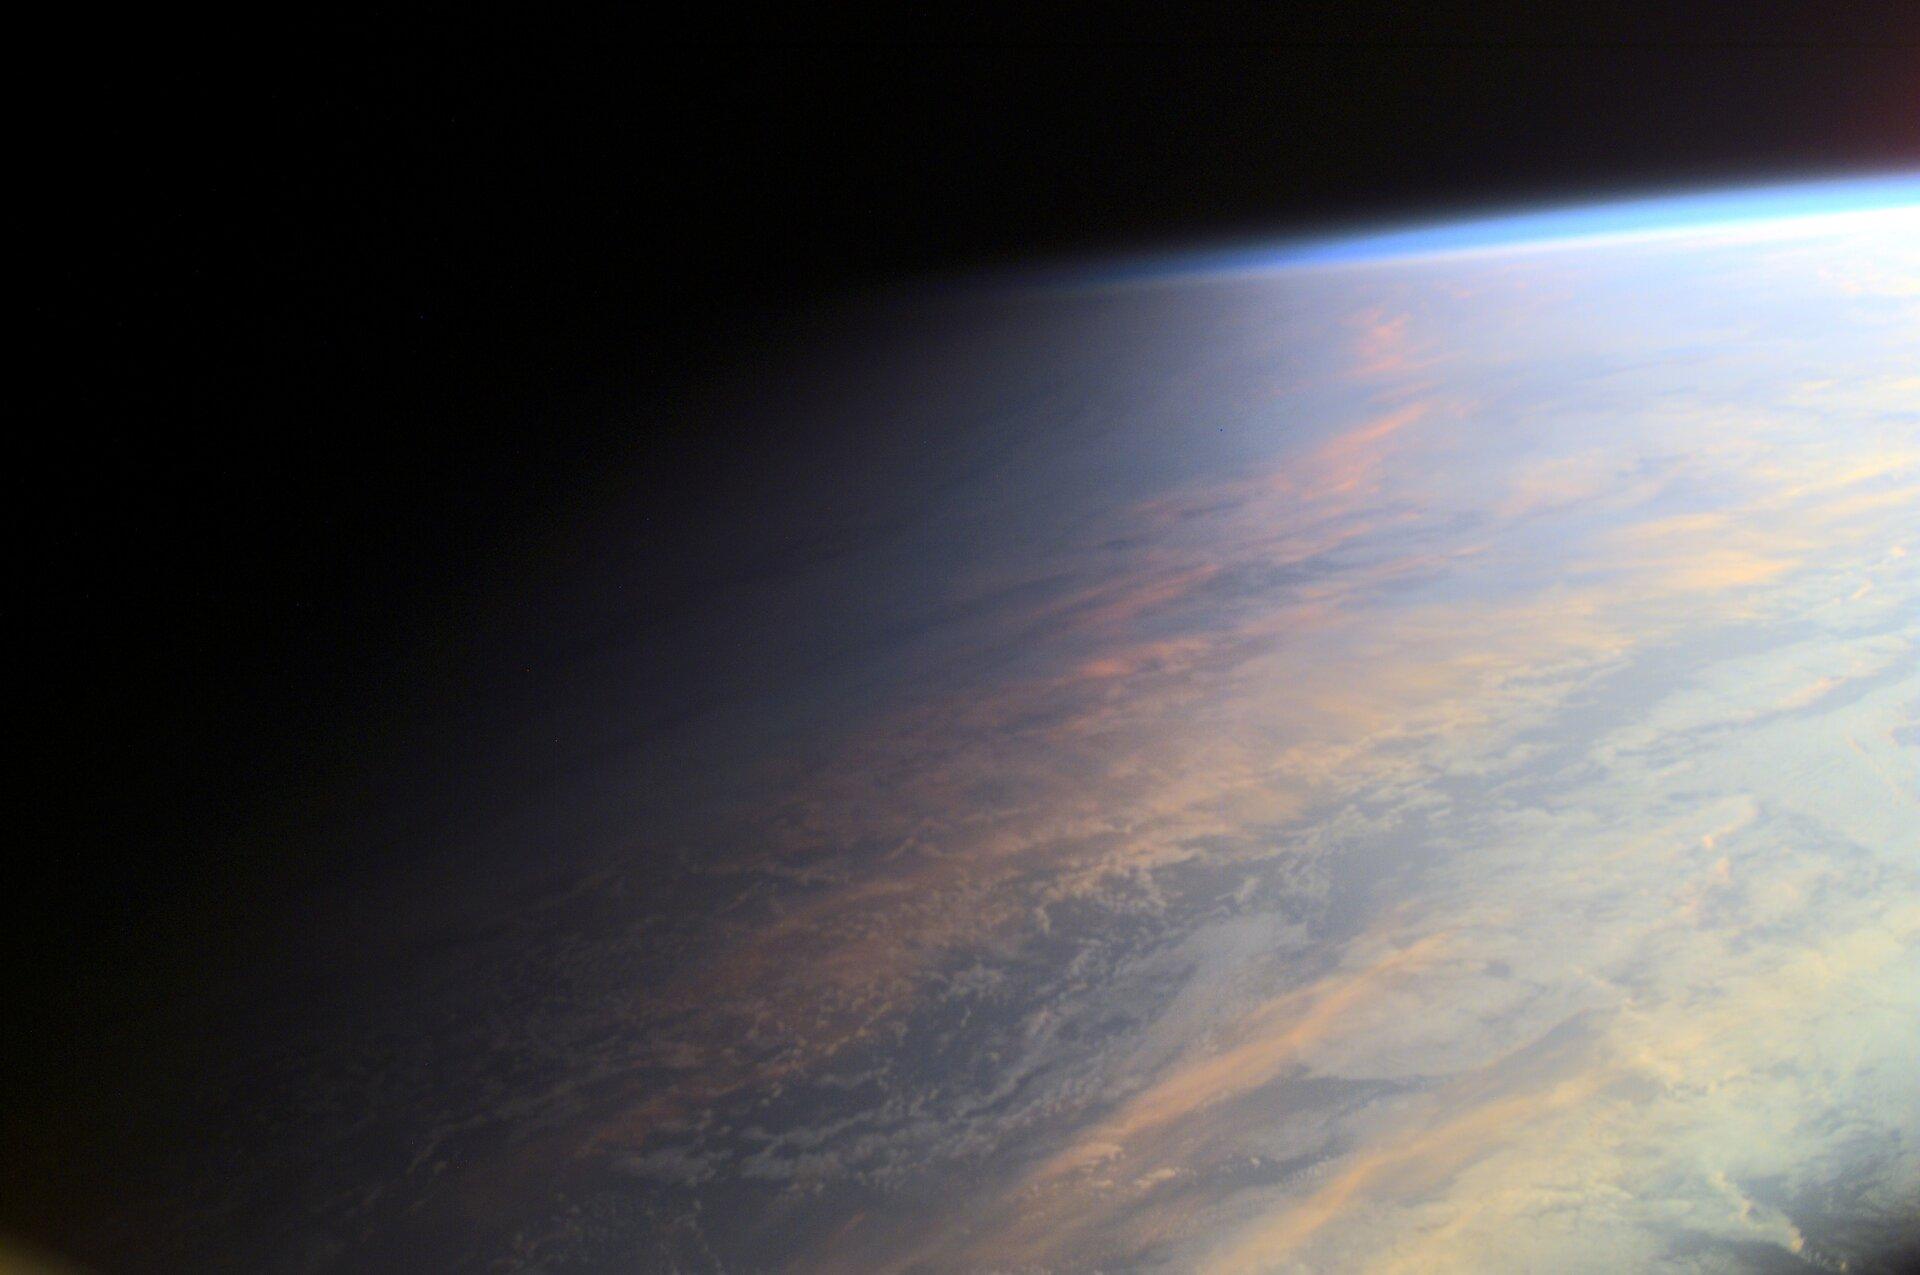 Fotografia prezentuje powierzchnię Ziemi widzianą zkosmosu. Prawa strona fotografii jest oświetlona, natomiast lewa strona.